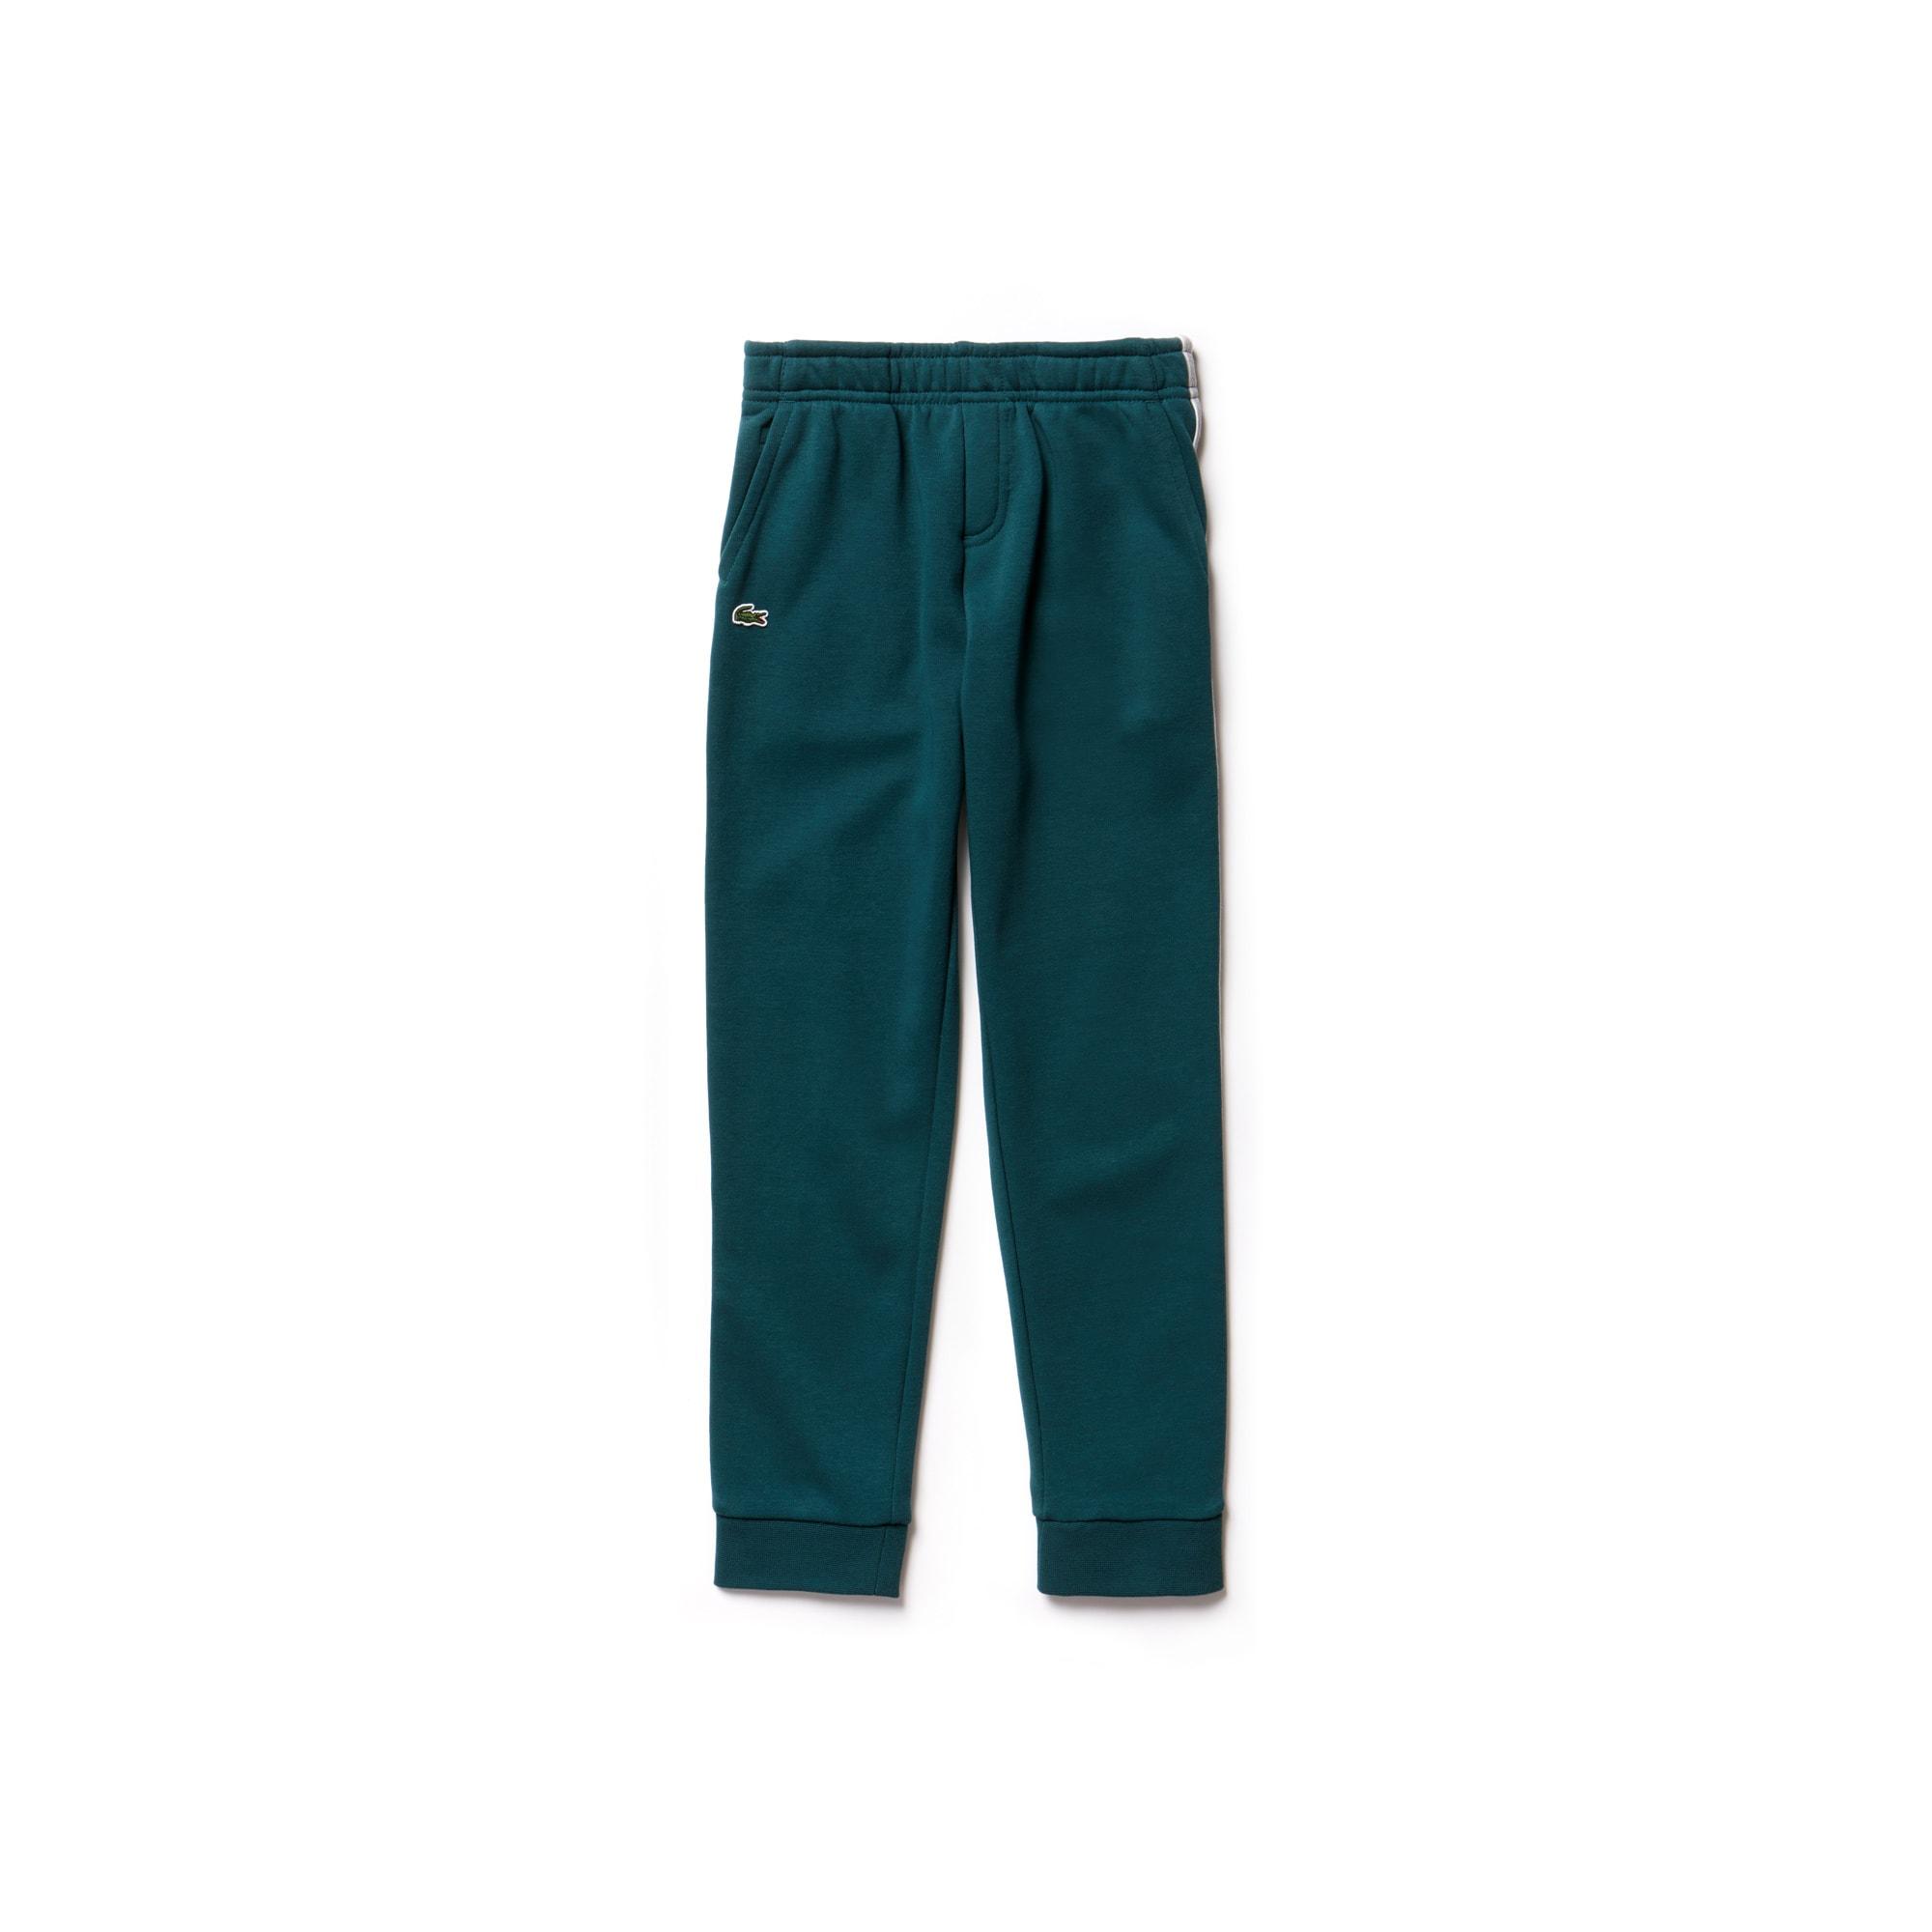 Jungen-Jogginghose mit seitlichen Streifen aus Fleece